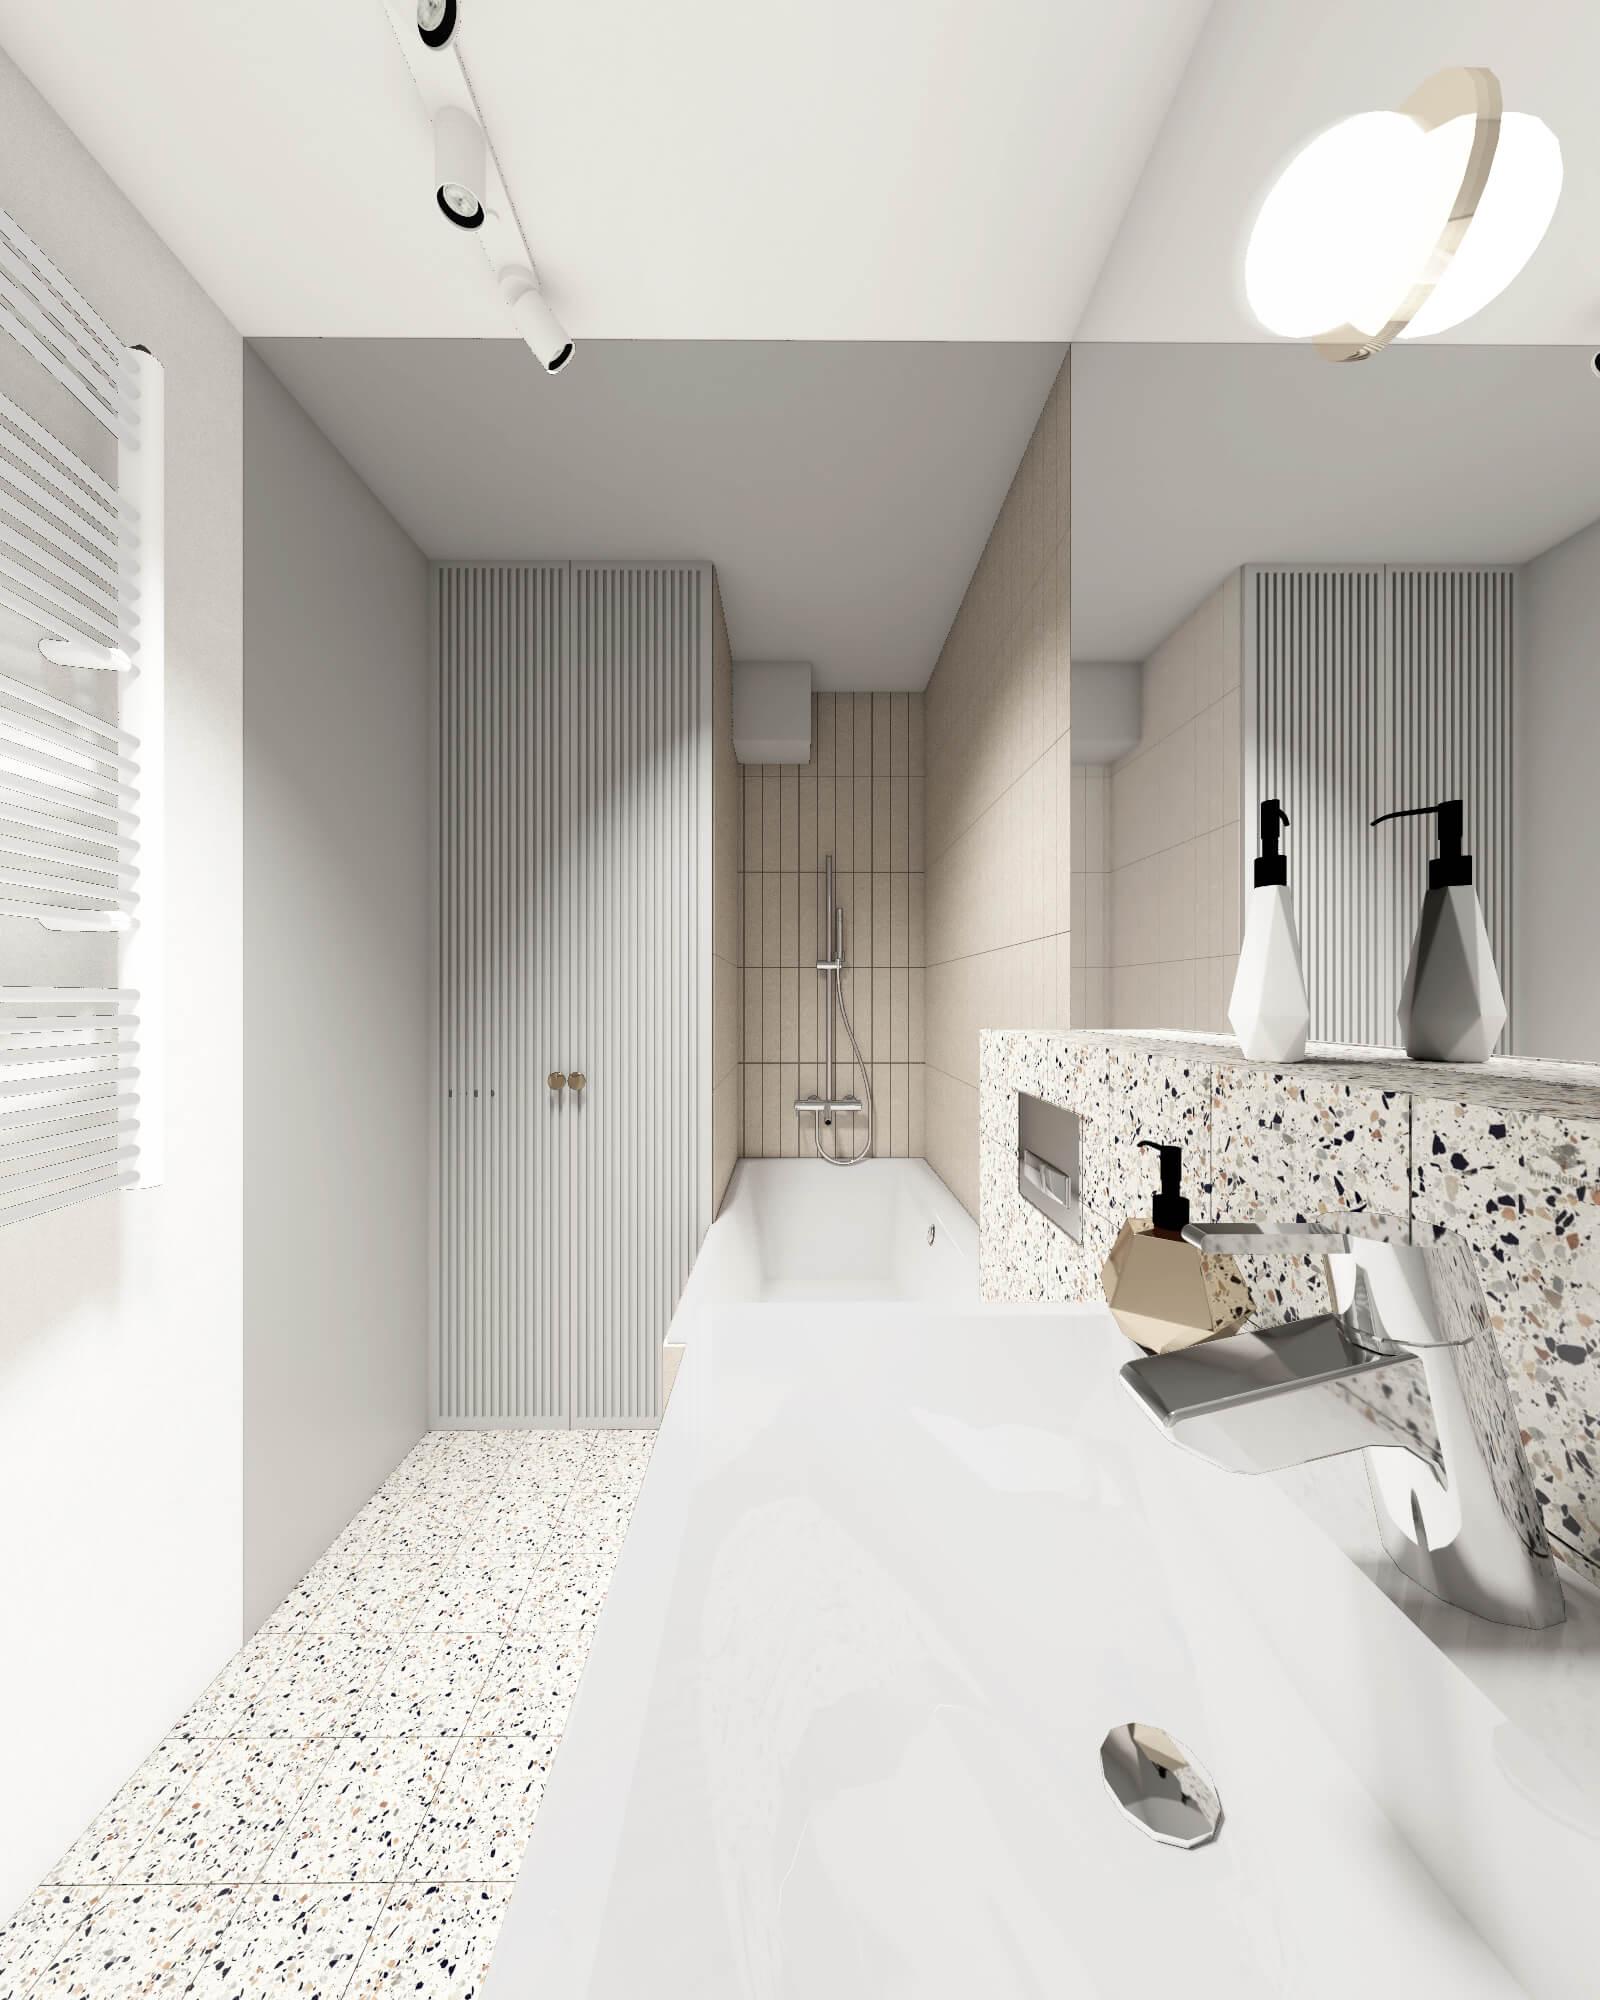 Łazienka z zabudowaną pralką